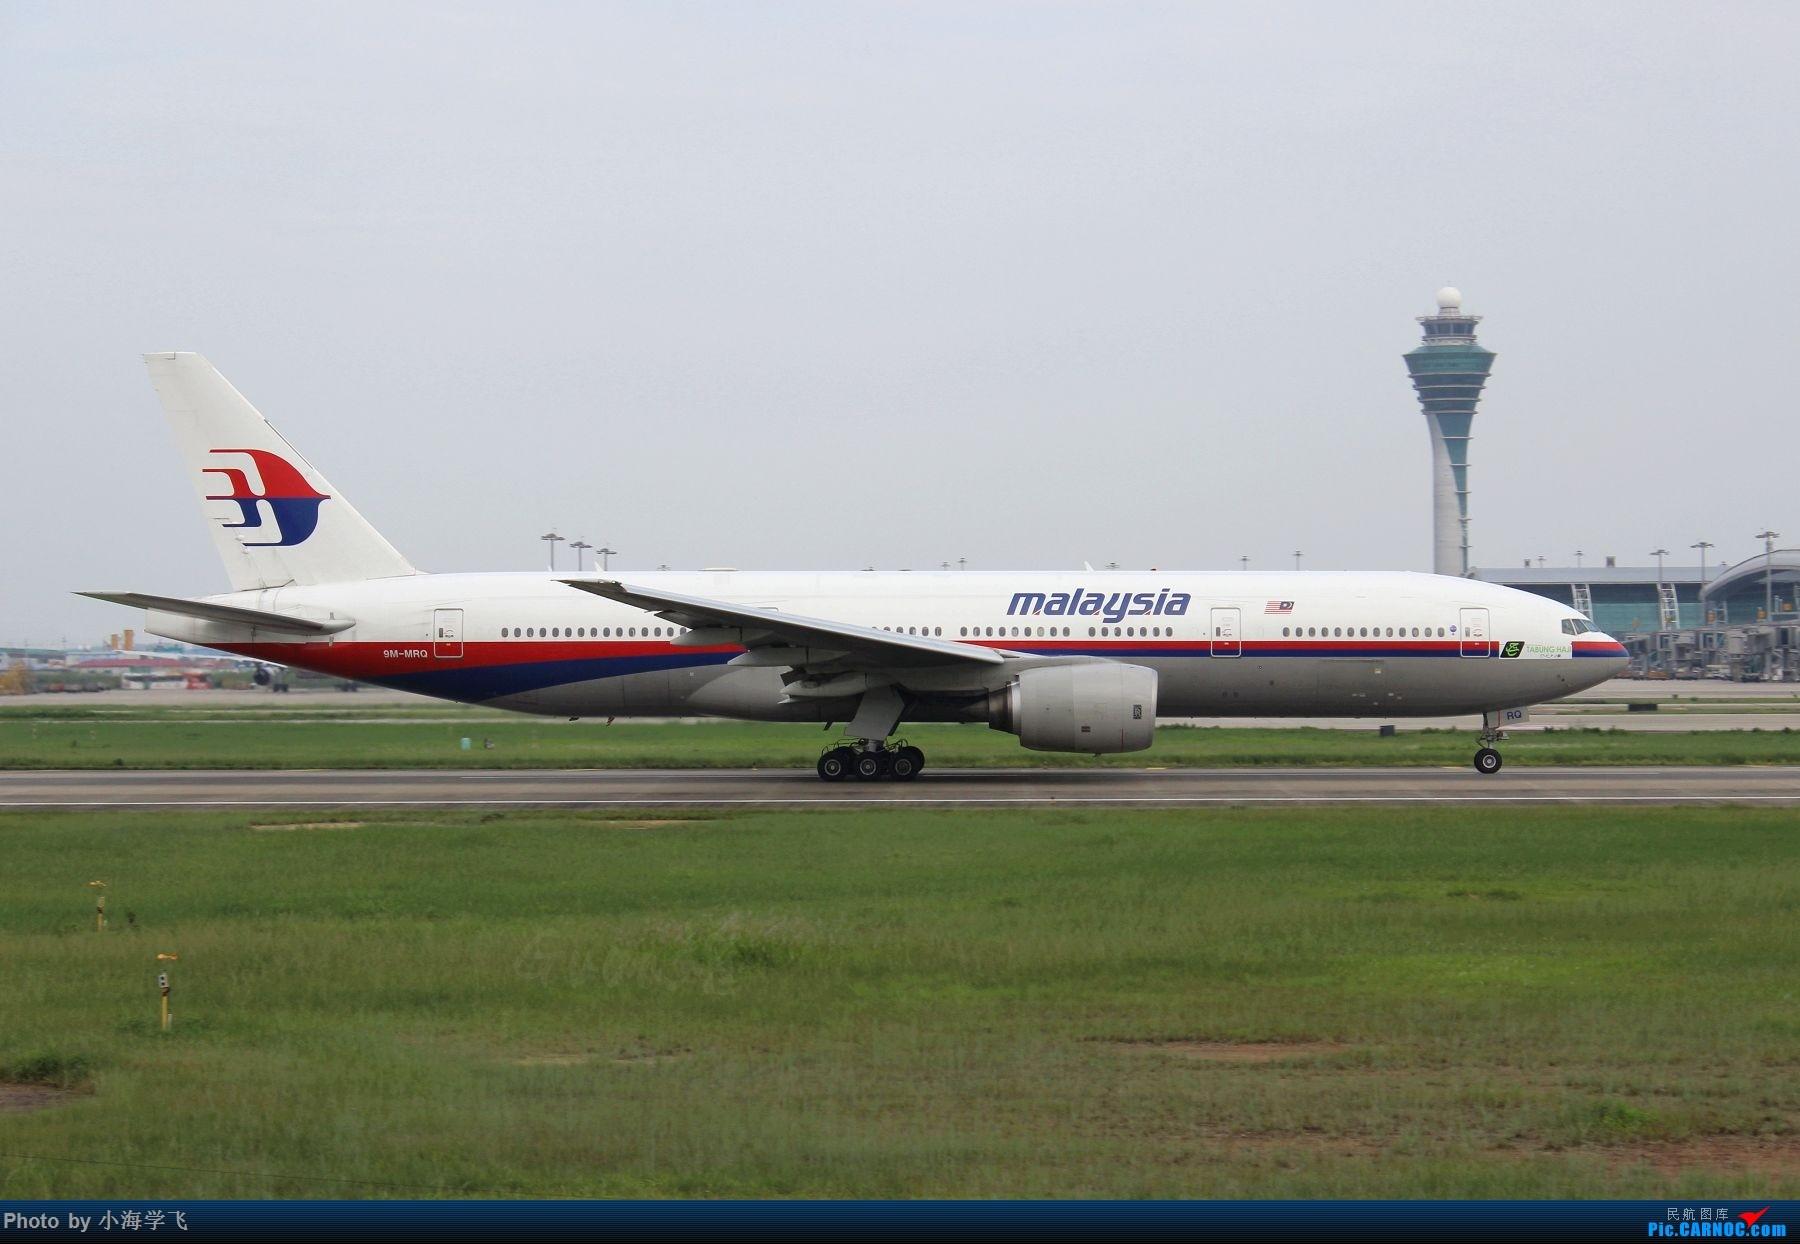 [原创]新马航 BOEING 777-200 9M-MRQ 中国广州白云国际机场